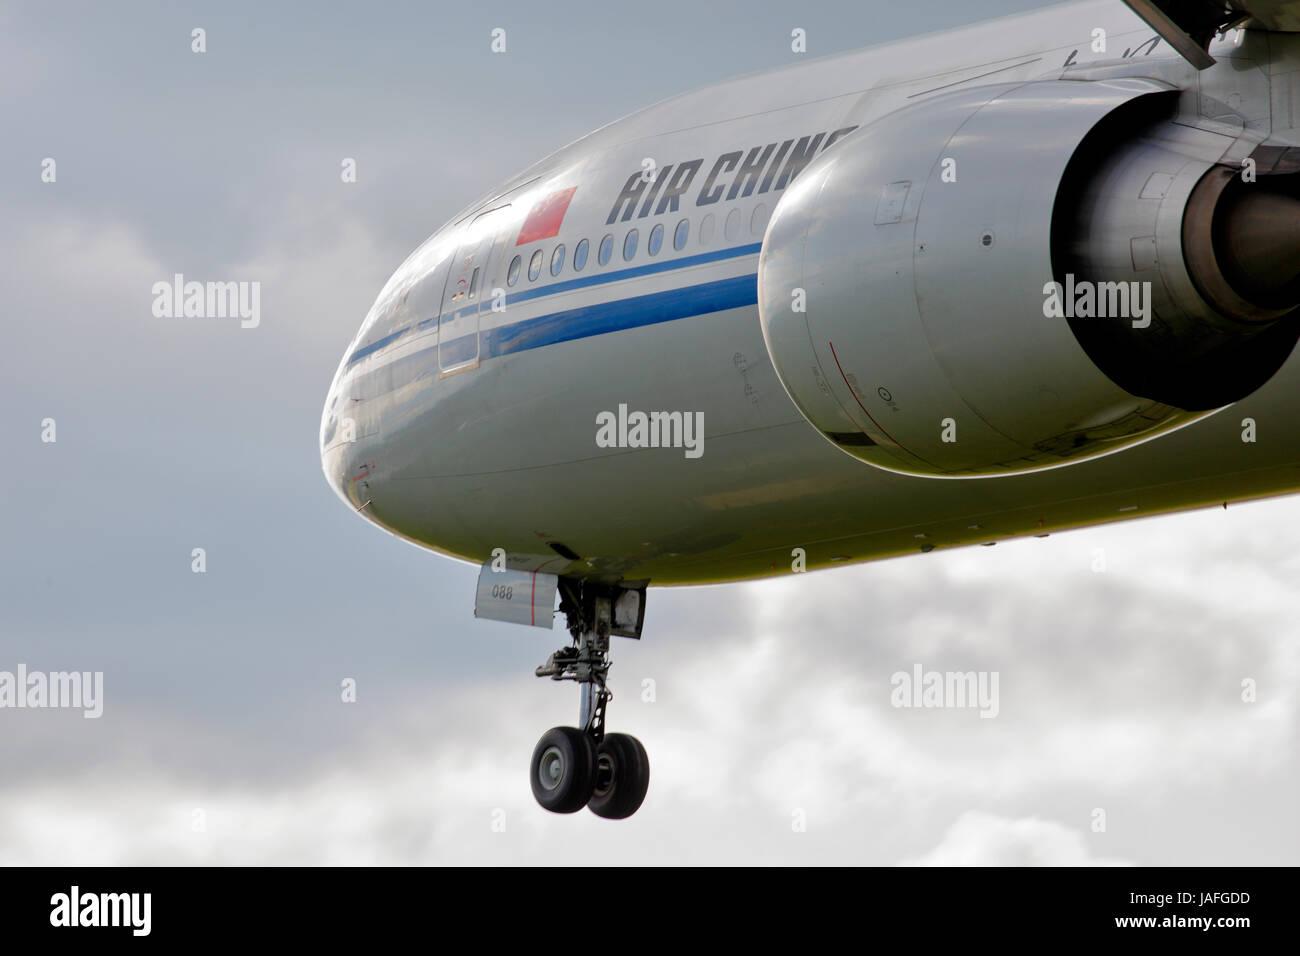 B-2088 Air China Boeing 777-300 cn-38668/979 stretto colpo di naso e motore, sulla rotta di avvicinamento all'aeroporto Immagini Stock